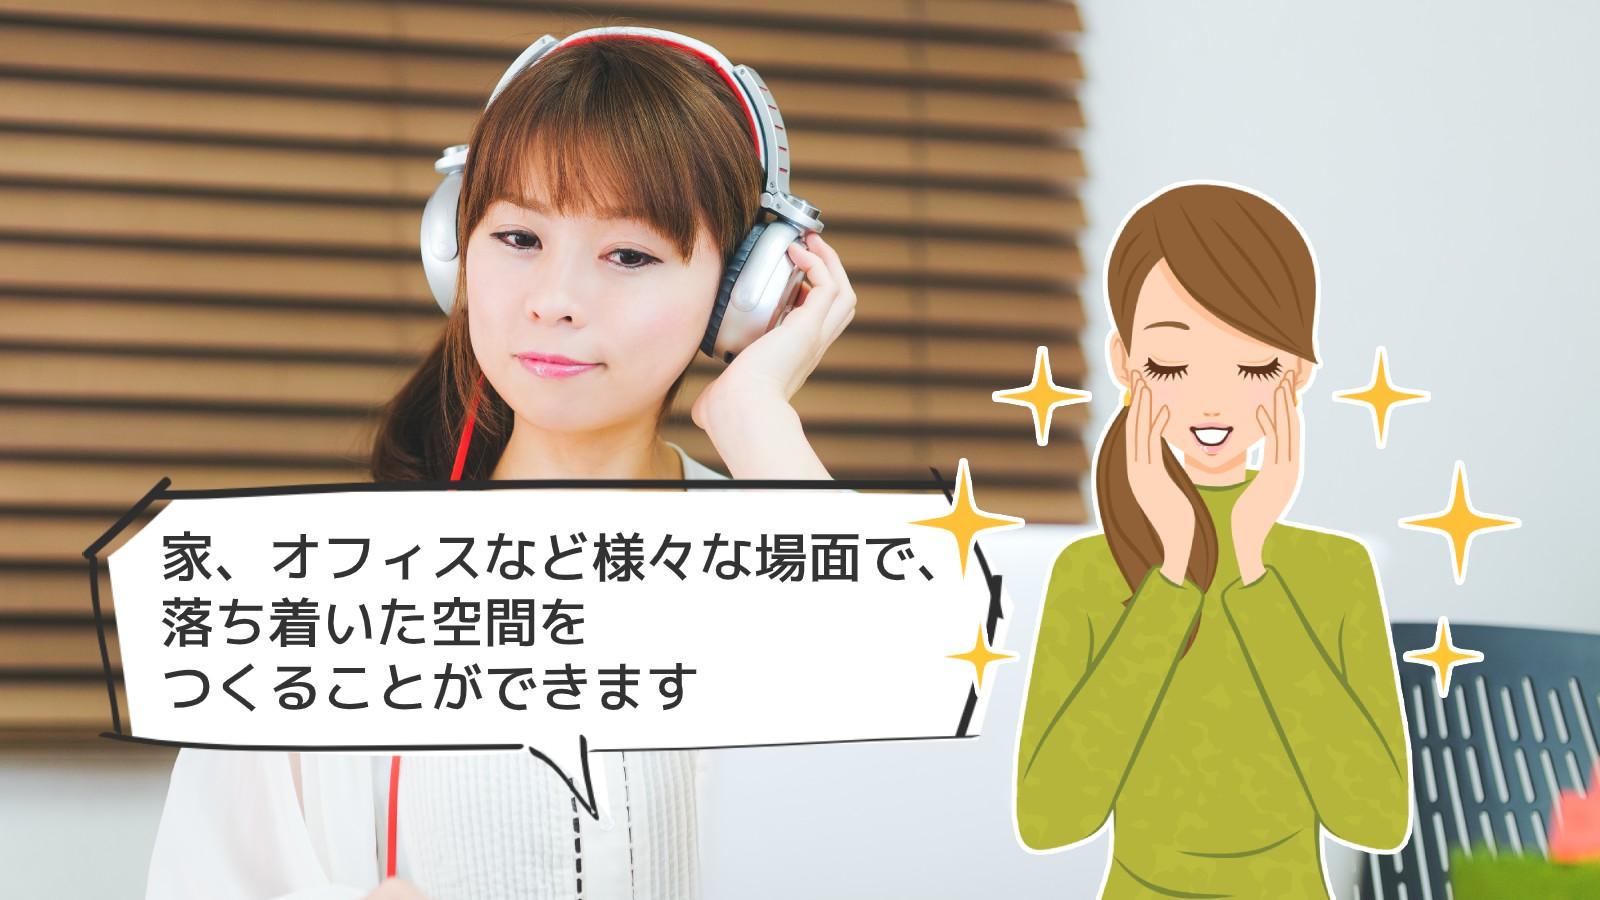 「音楽療法カウンセラー資格」のアイキャッチ画像